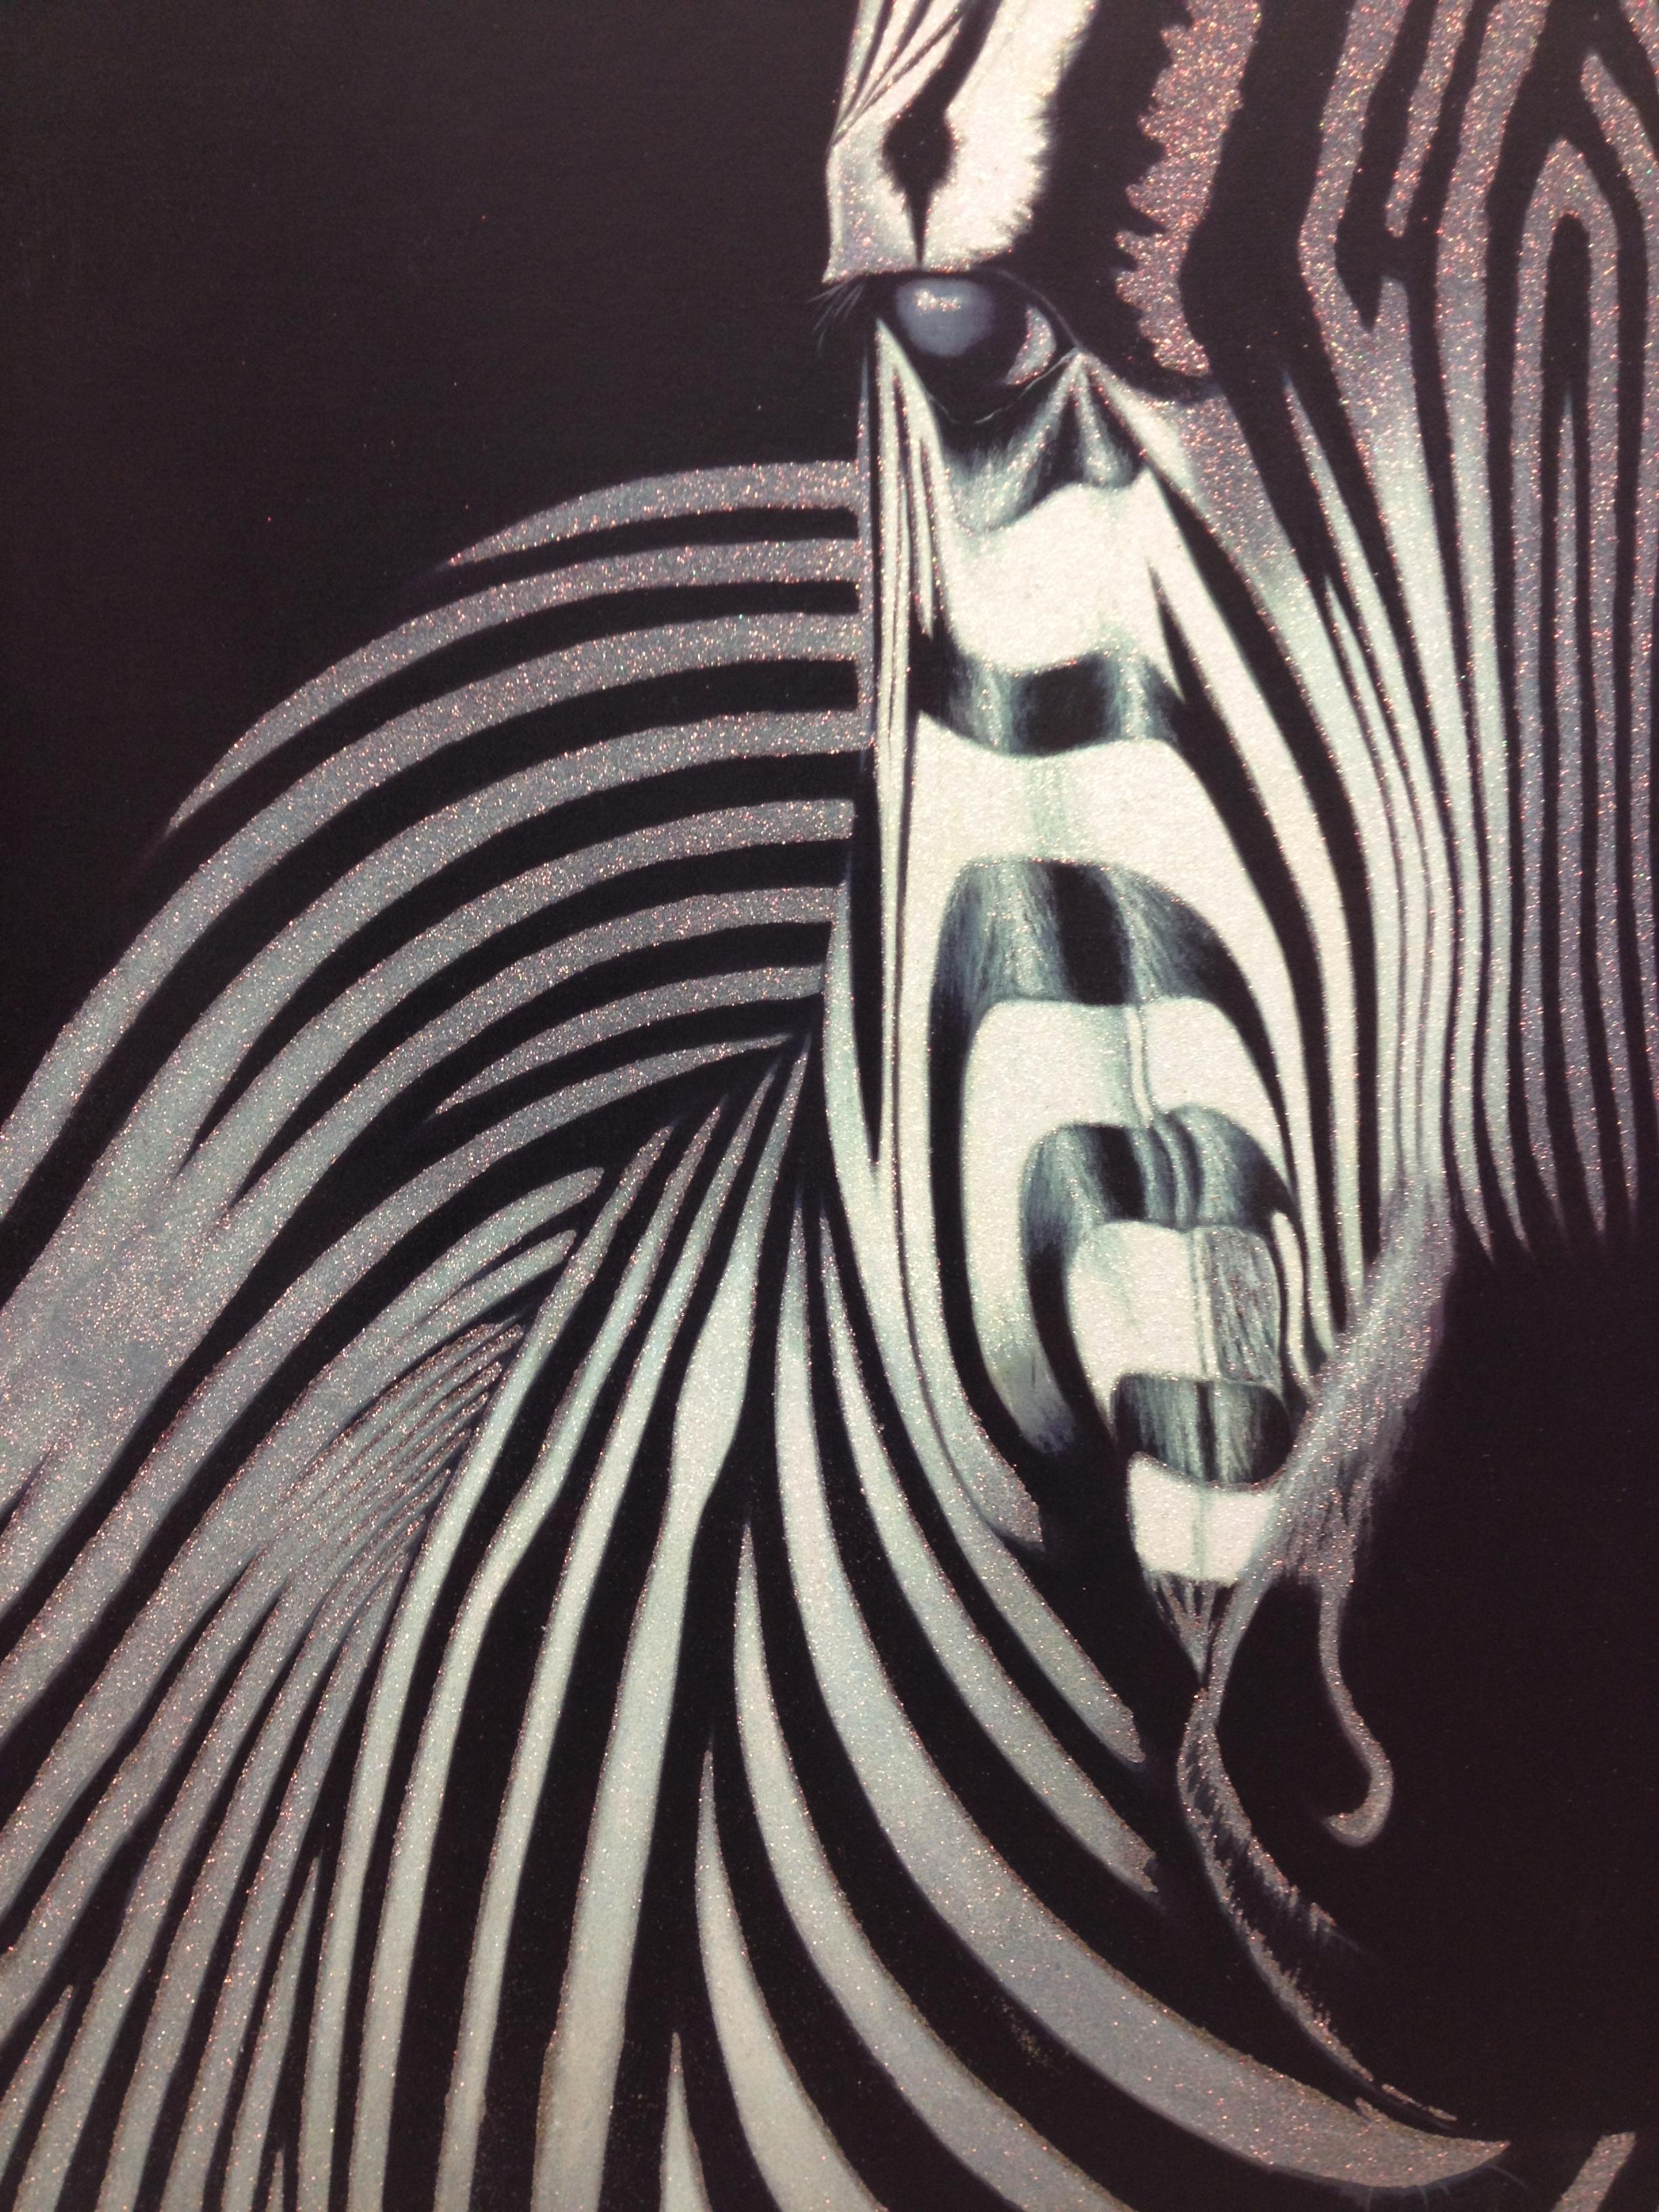 Zebra face profile - photo#20